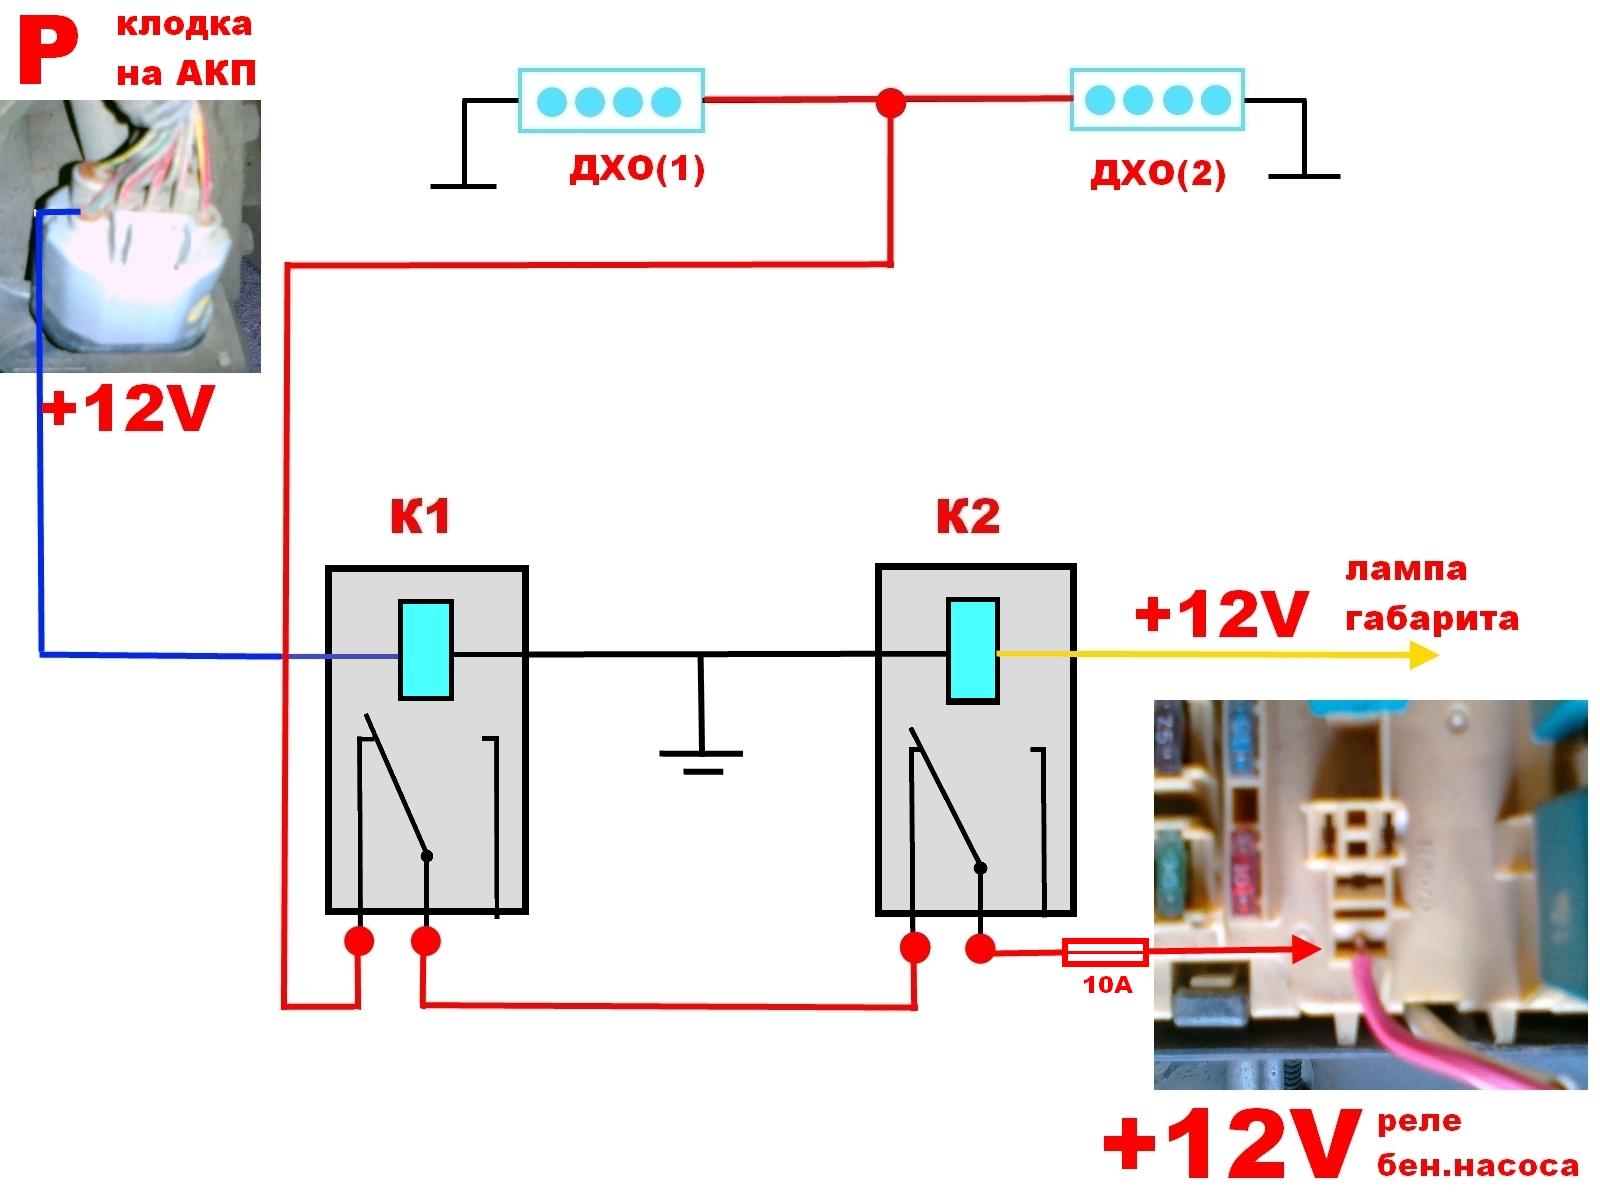 Схема подключения ДХО..jpg